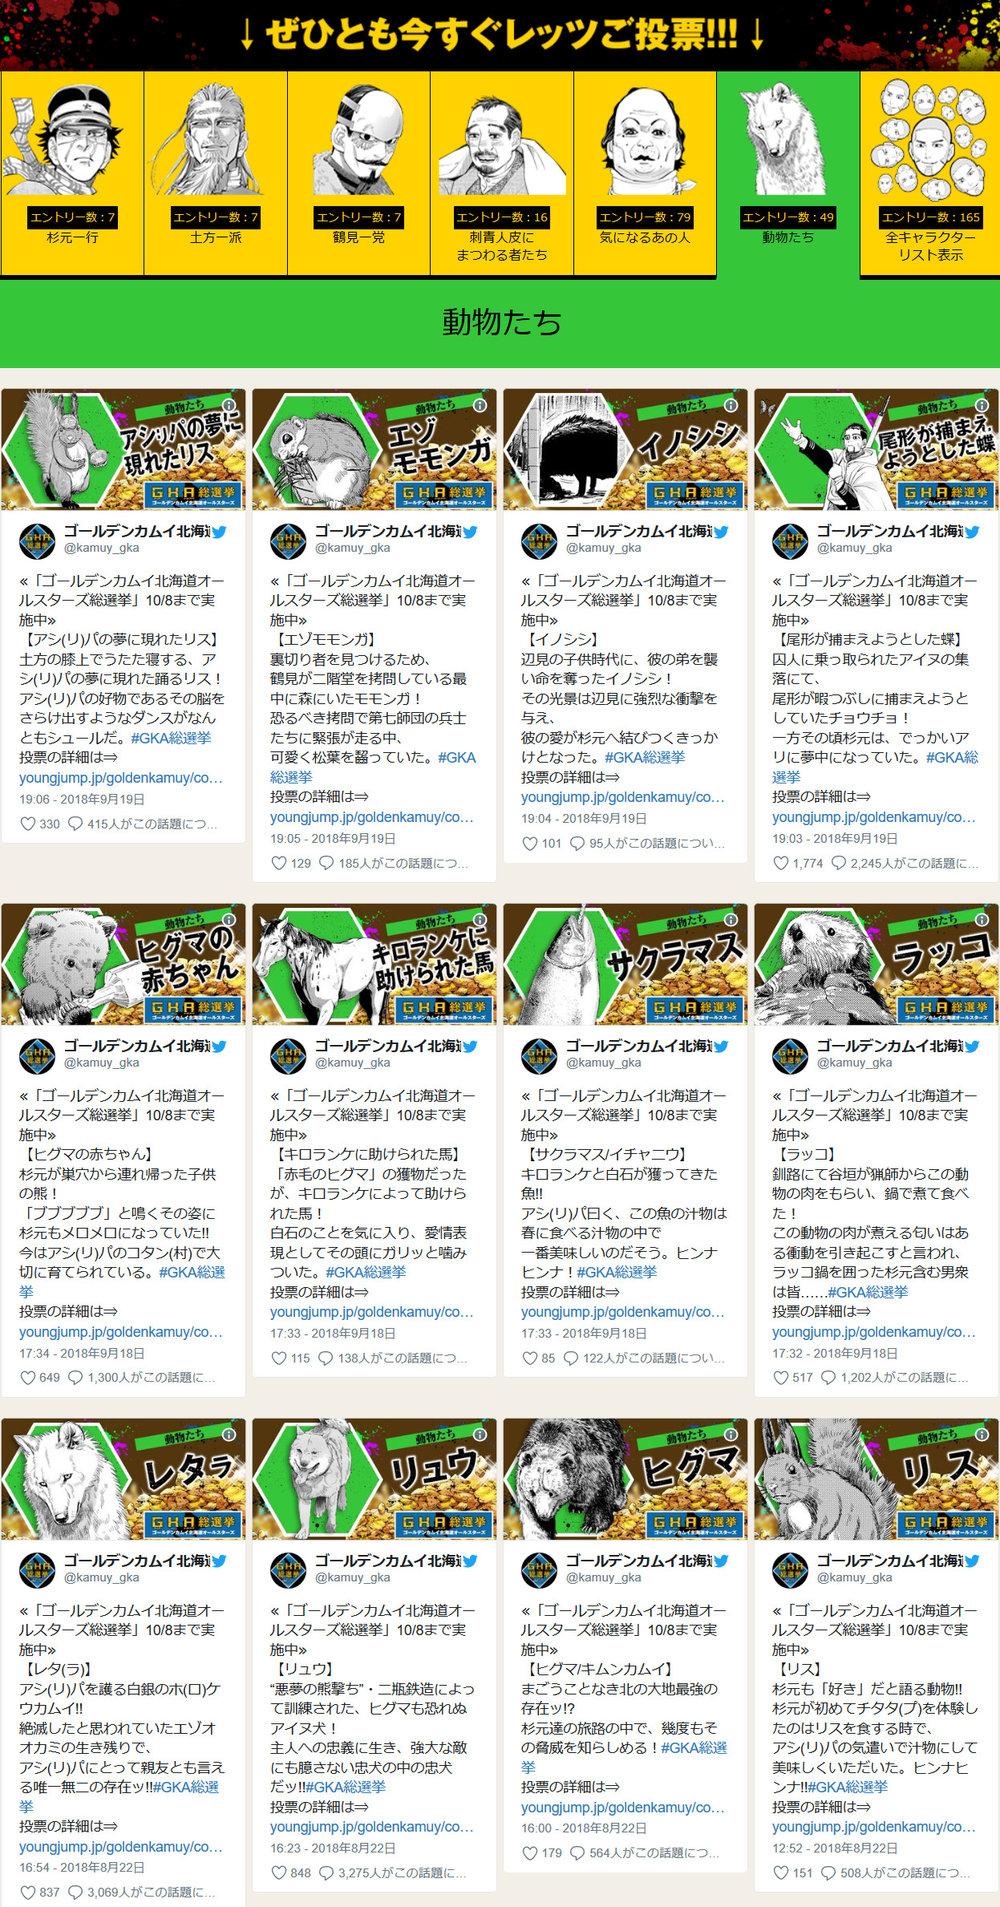 Screenshot_2018-09-26 ゴールデンカムイ公式サイト│GKA総選挙開催 .jpg